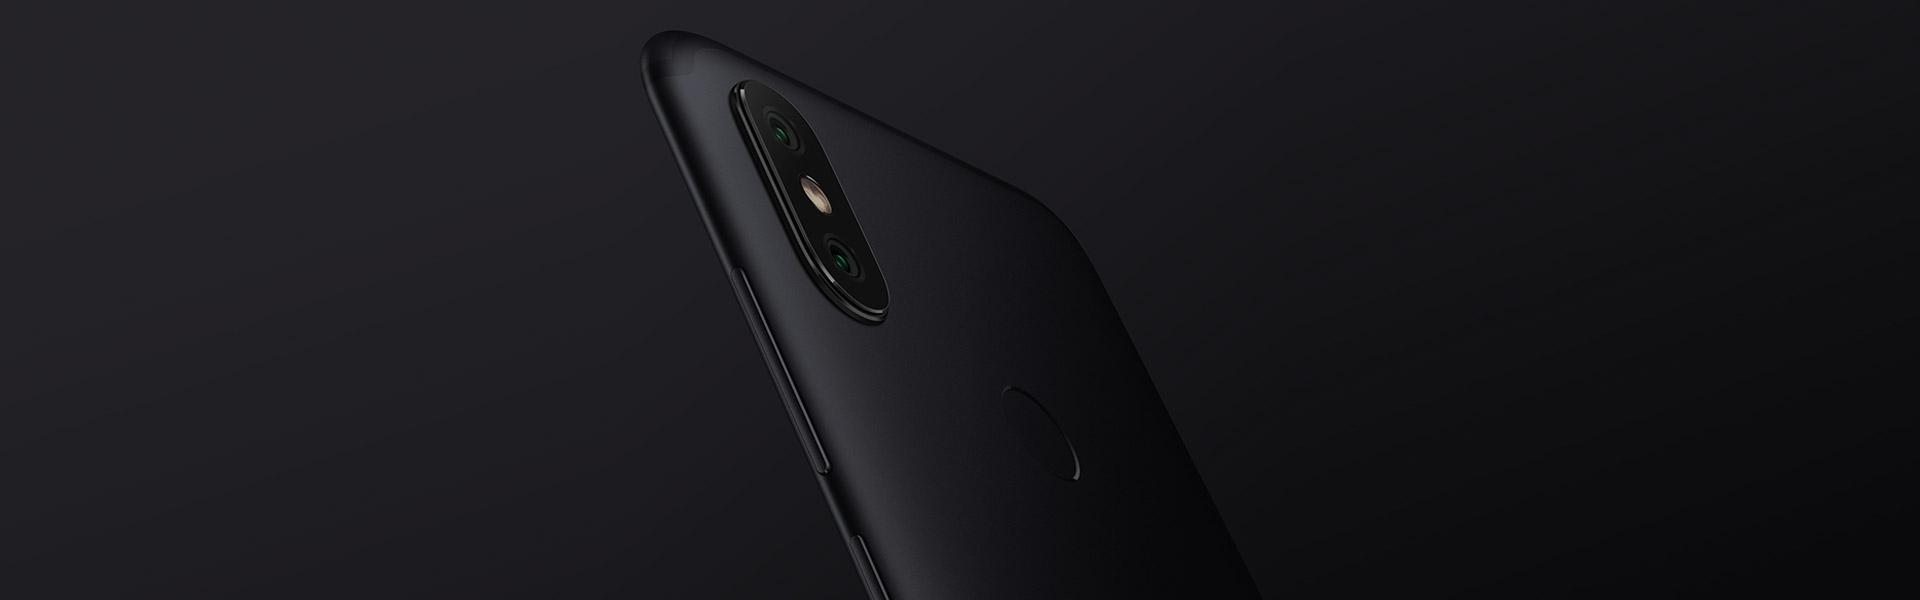 Xiaomi Mi A2, el smartphone 'bueno, bonito y barato' que aspira a ser el rompeventas navide?o